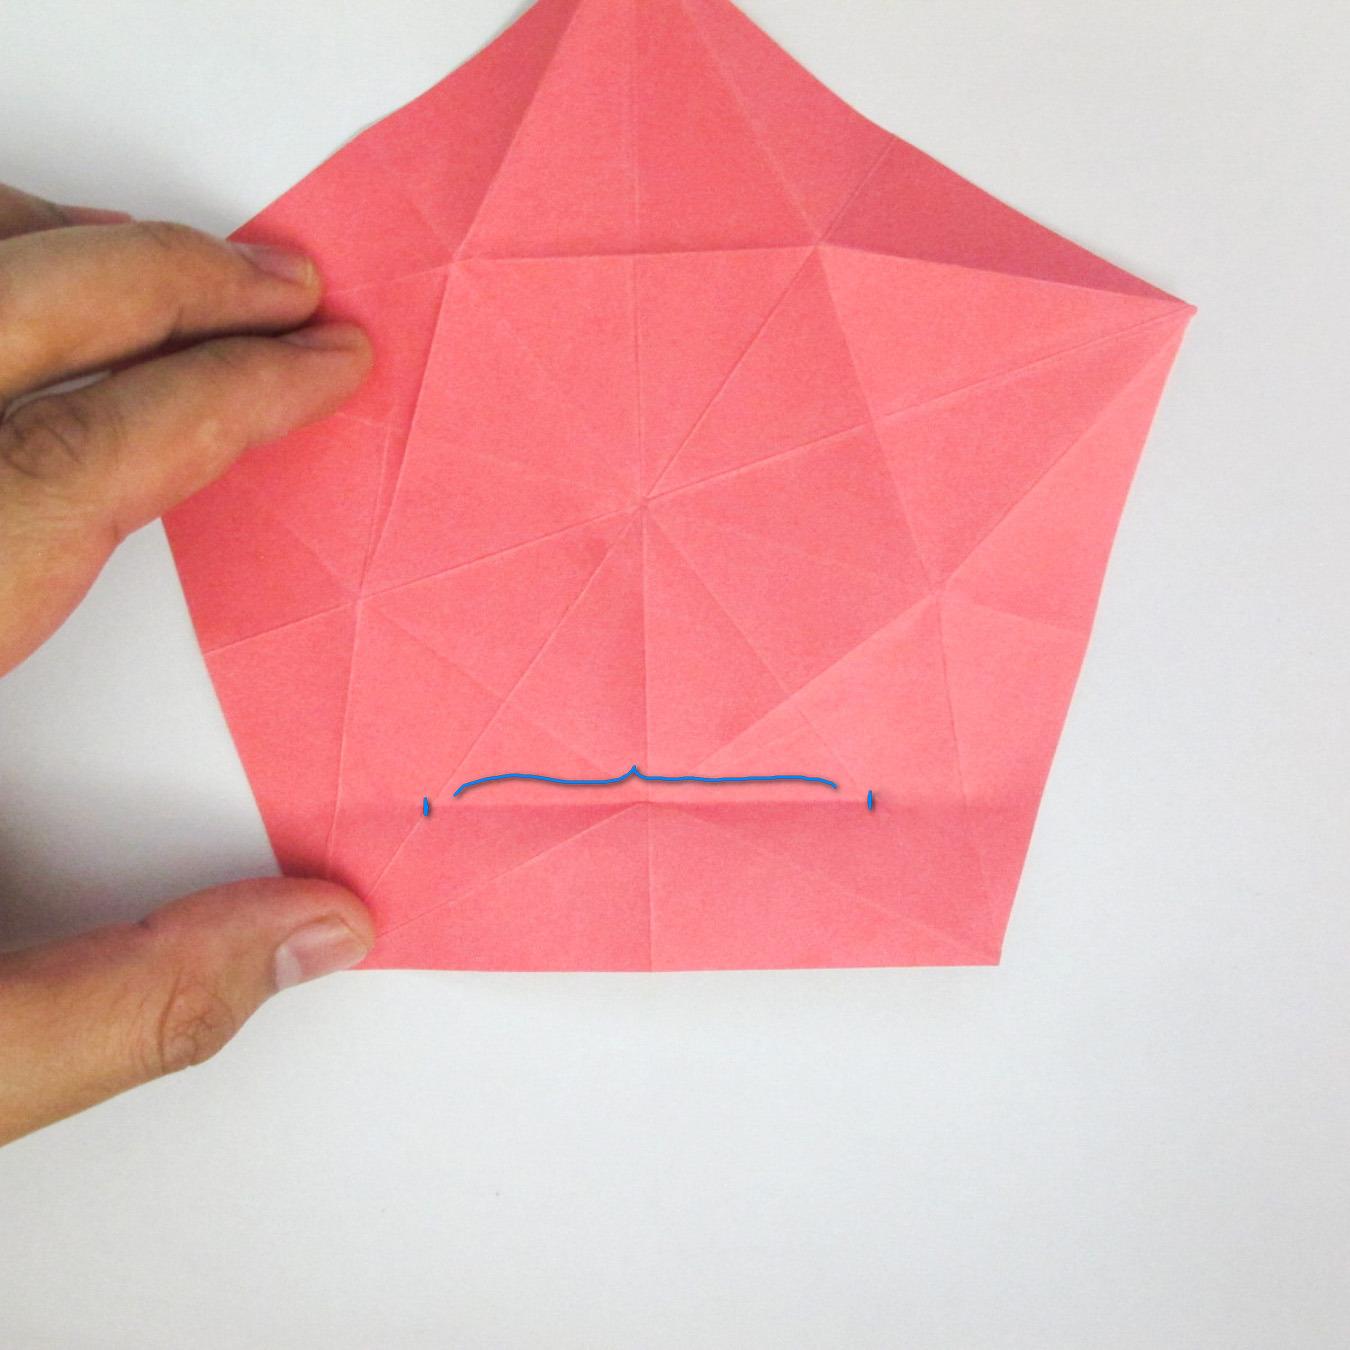 สอนวิธีการพับกระดาษเป็นดอกมะเฟือง (Origami Carambola) 016